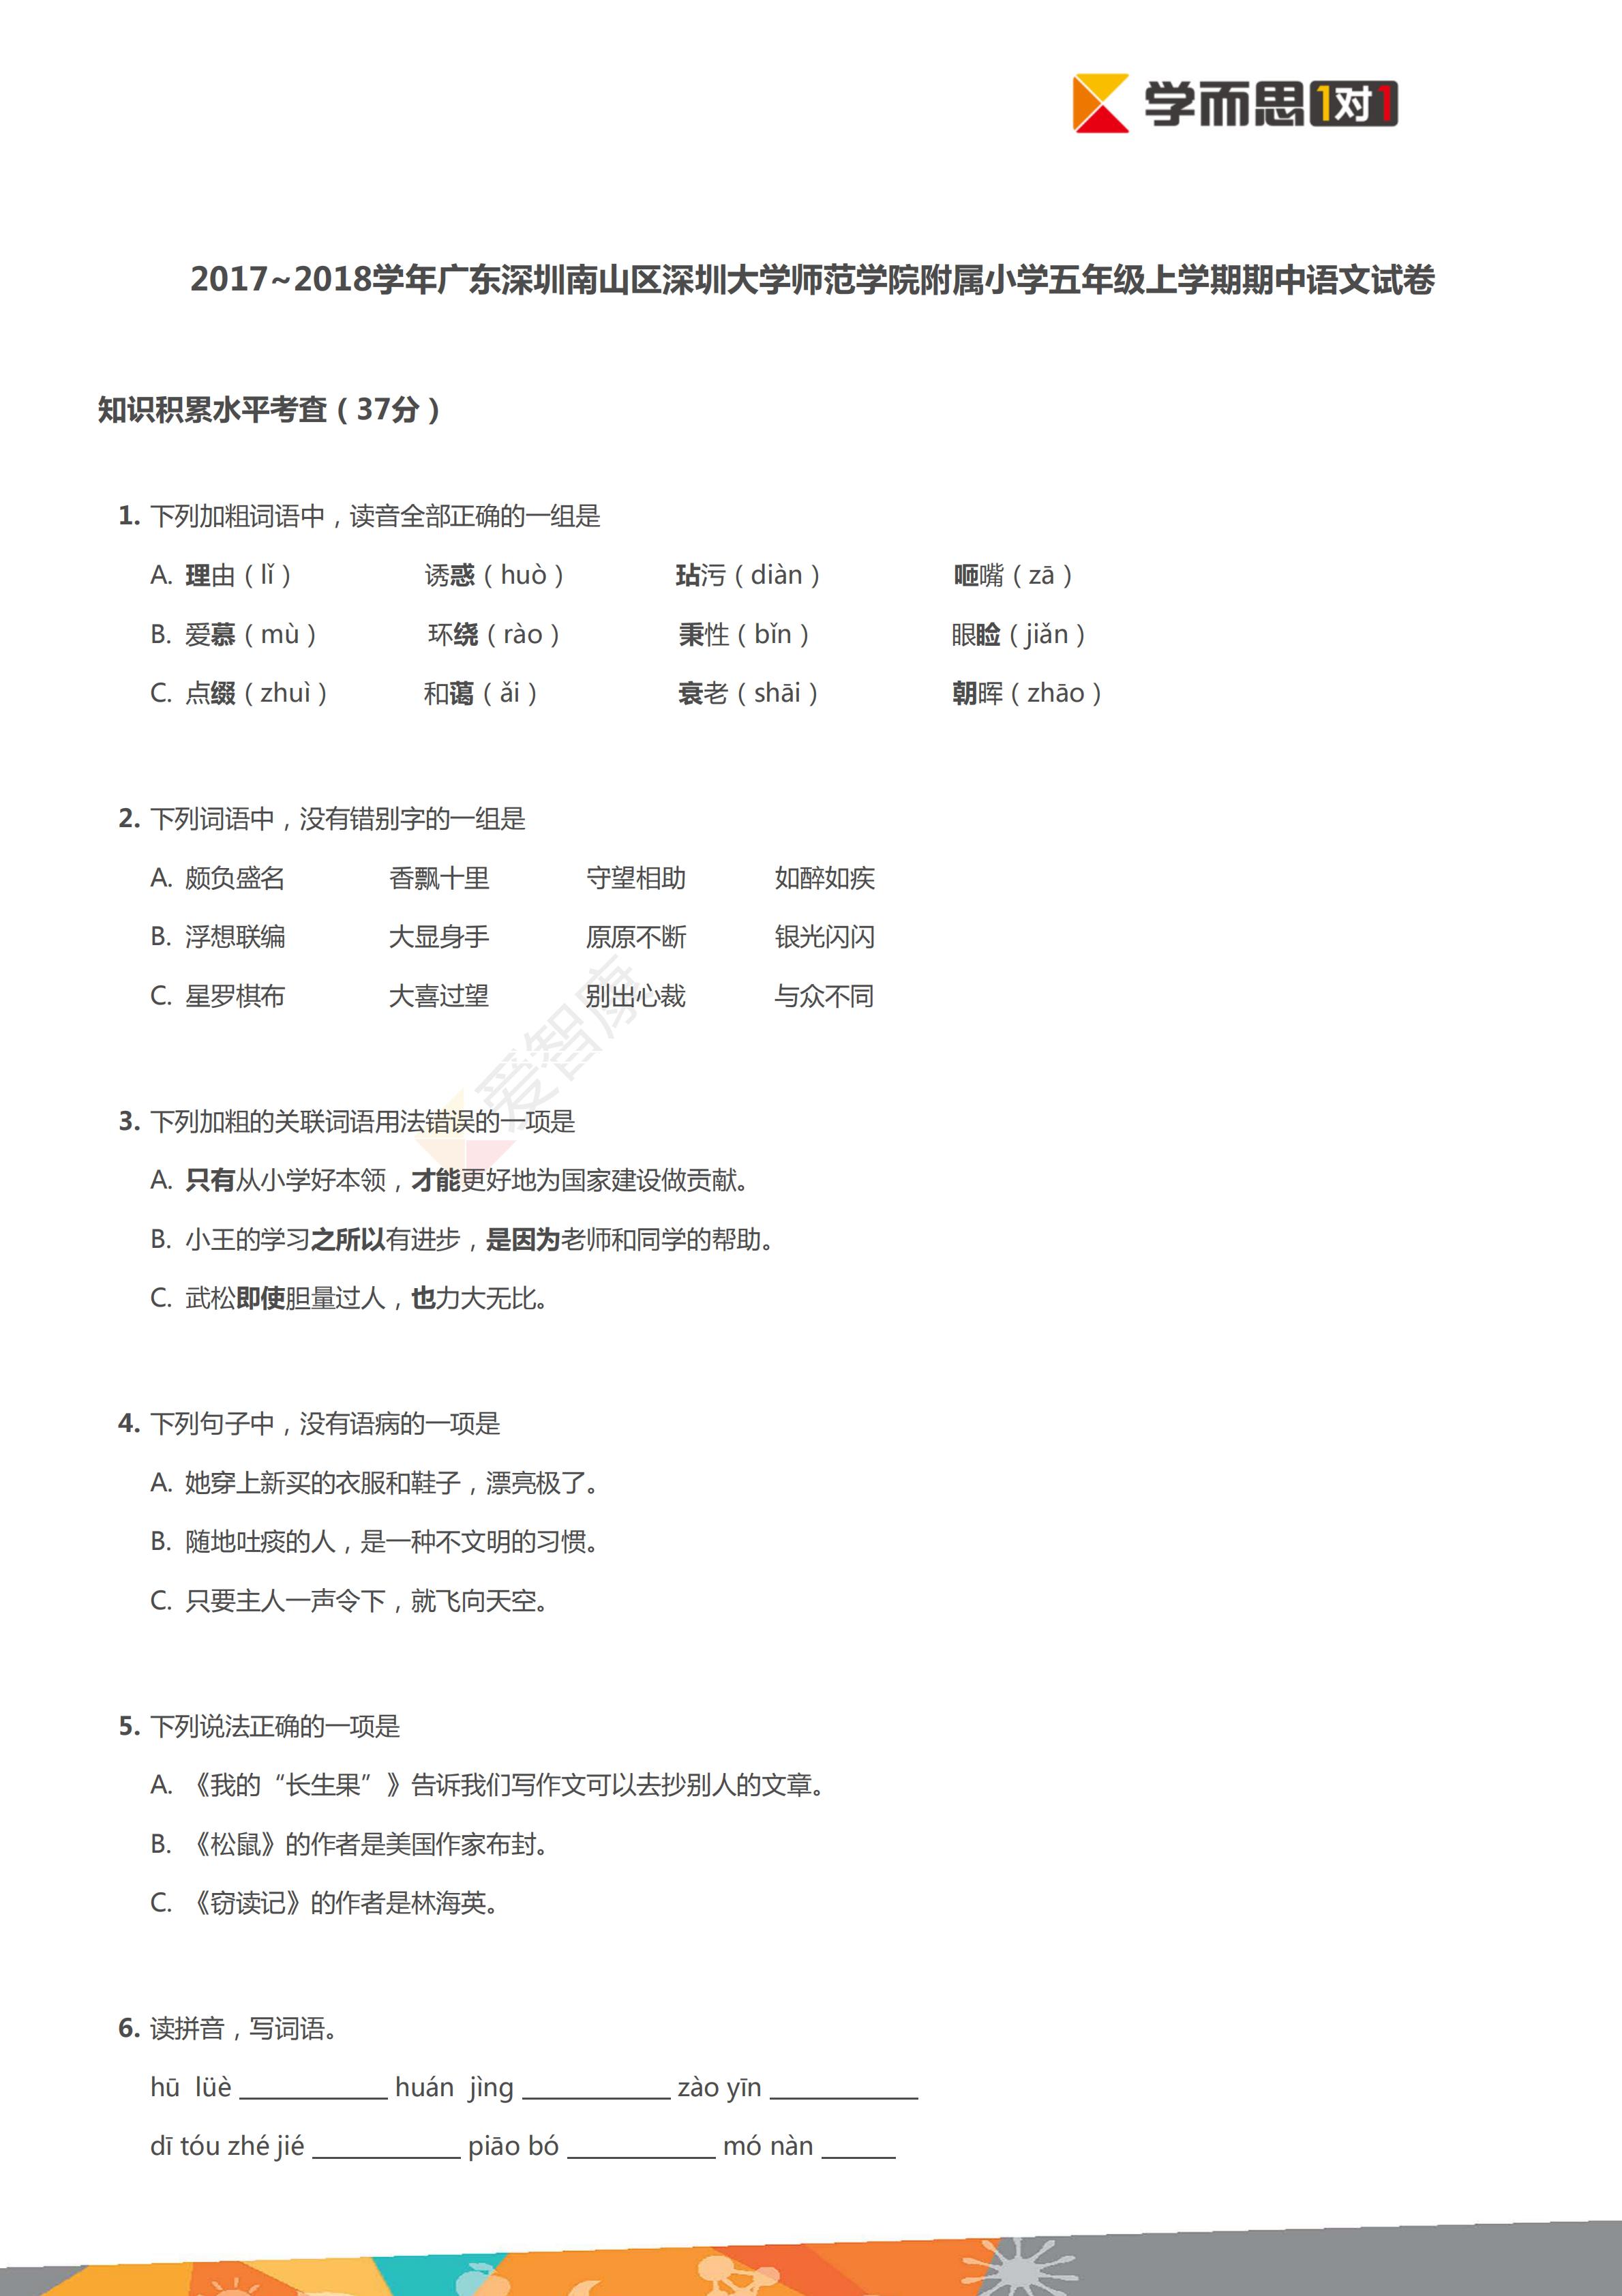 深圳南山区深圳大学师范学院附属小学2018学年上学期期中考试小学五年级语文试卷及答案